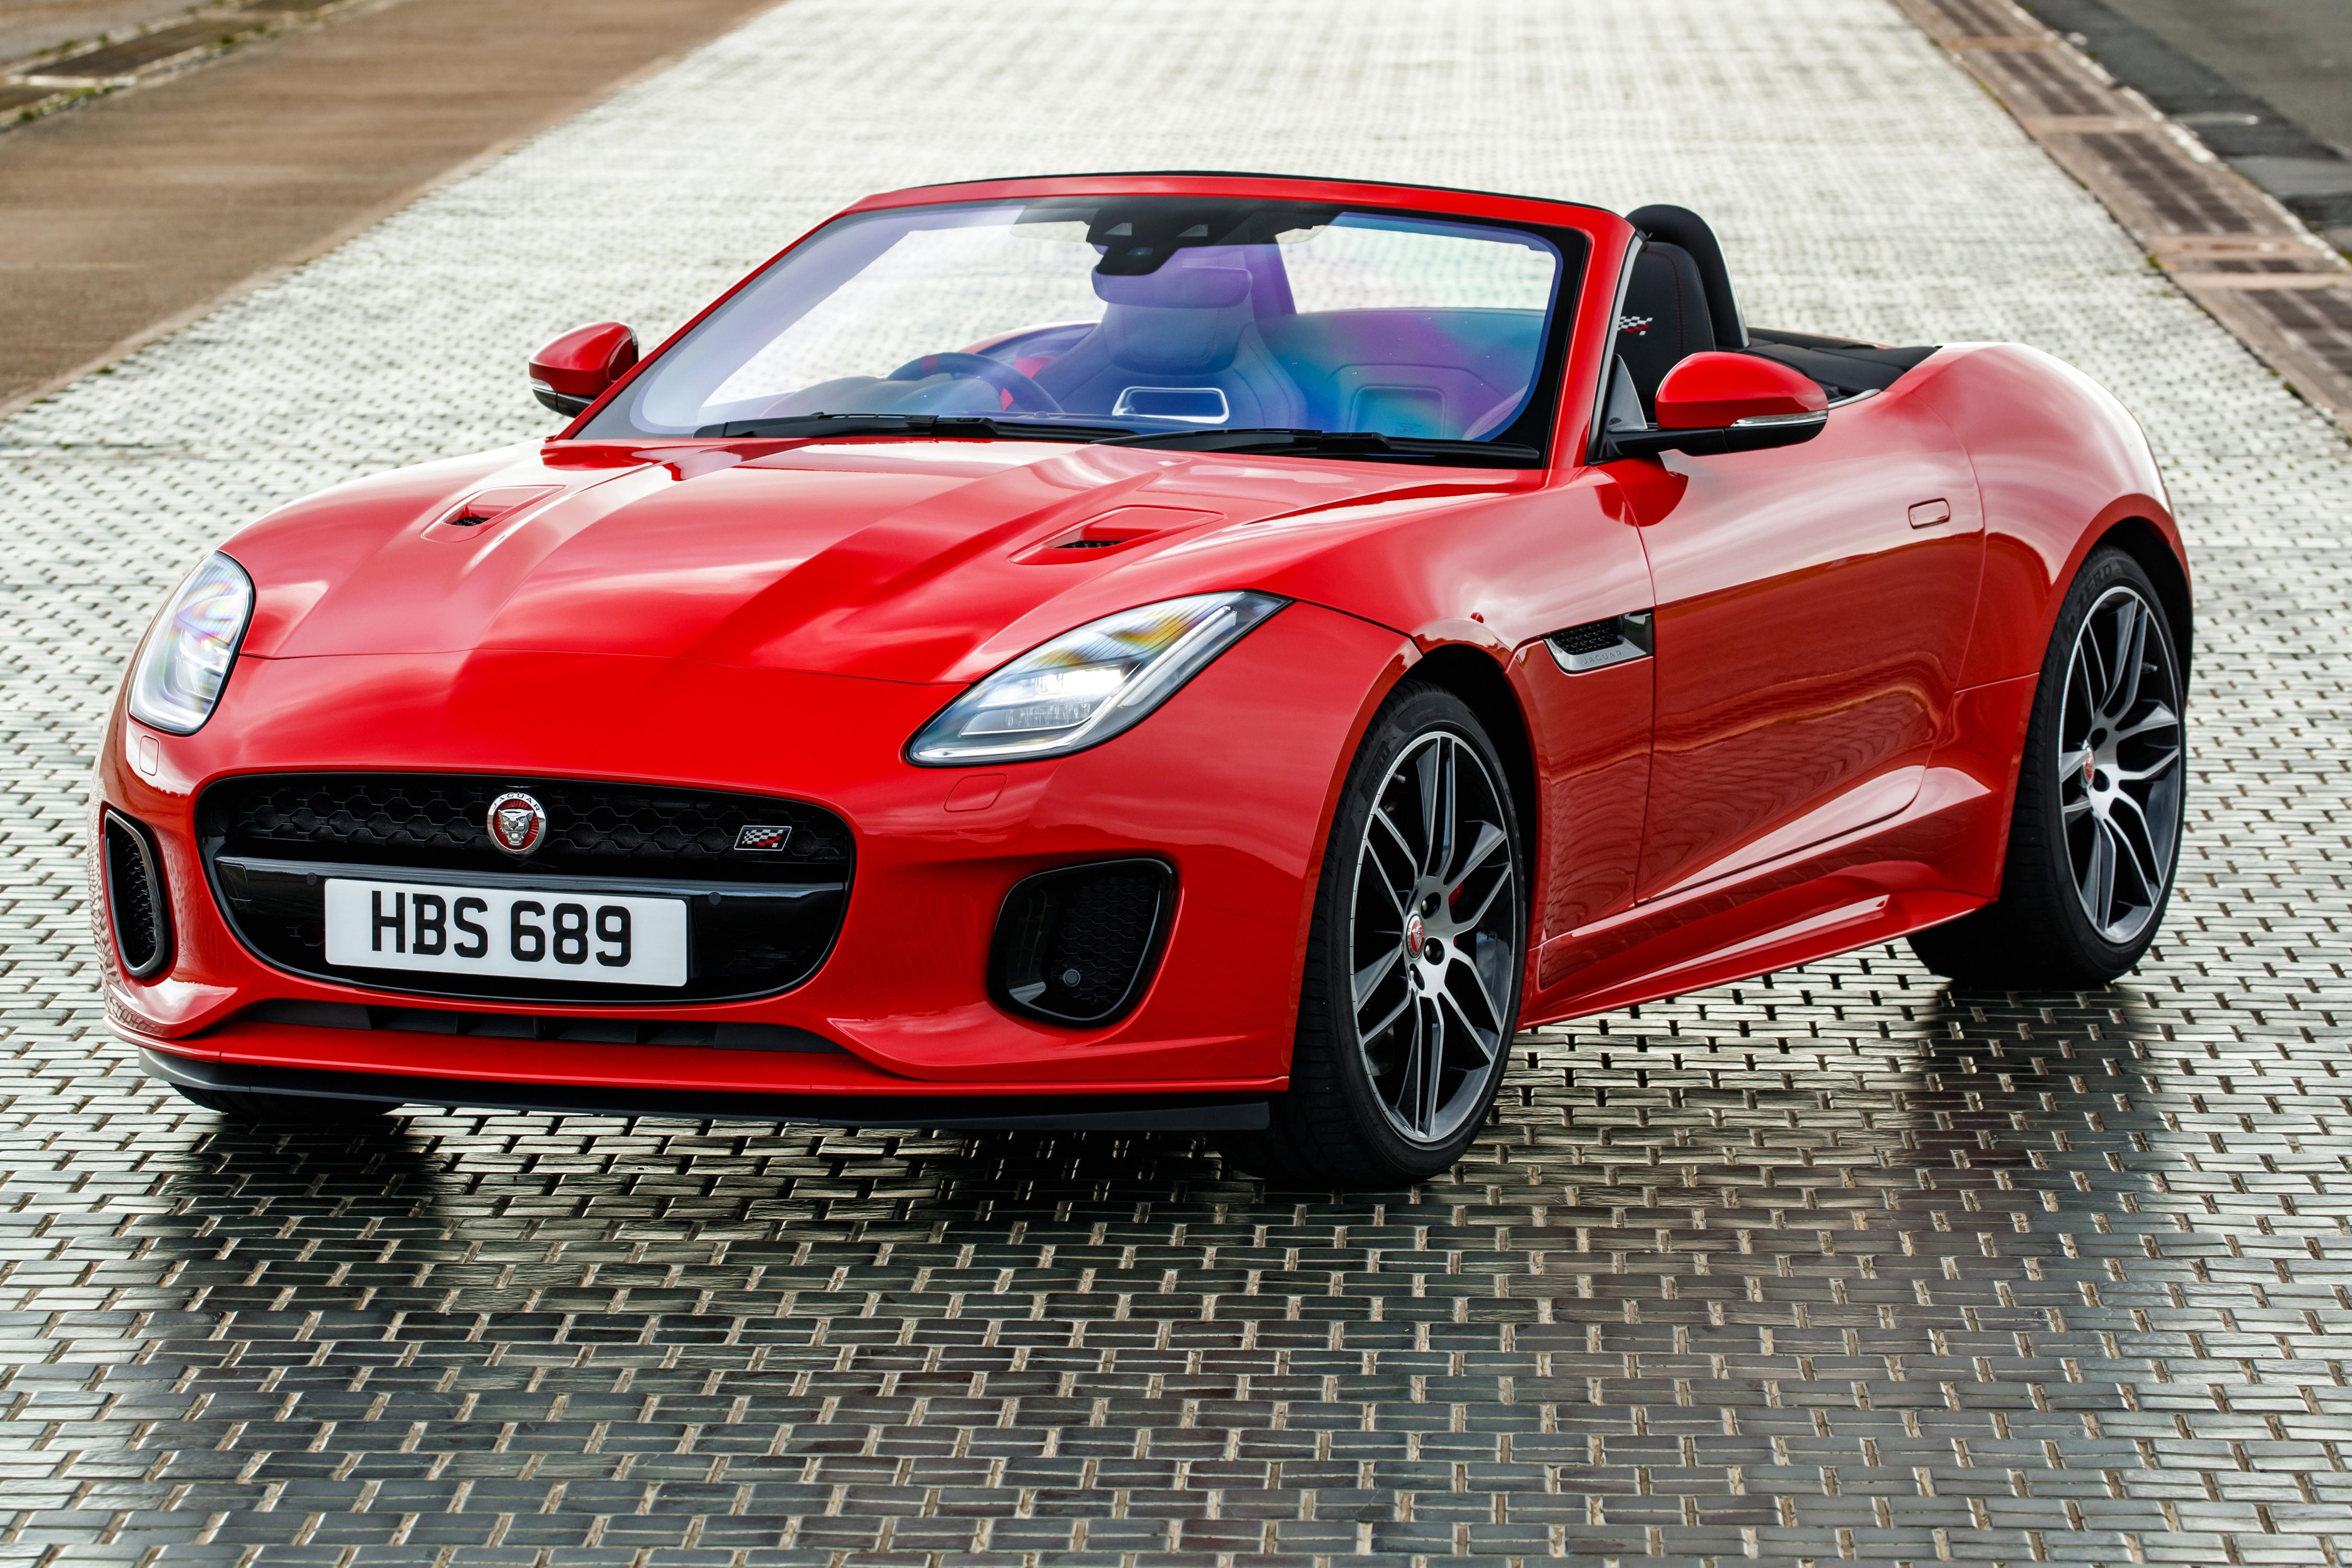 Обои для рабочего стола Ягуар 2018-19 F-Type  Chequered Flag  Convertible Кабриолет красные машины Металлик Jaguar кабриолета красных Красный красная авто машина автомобиль Автомобили